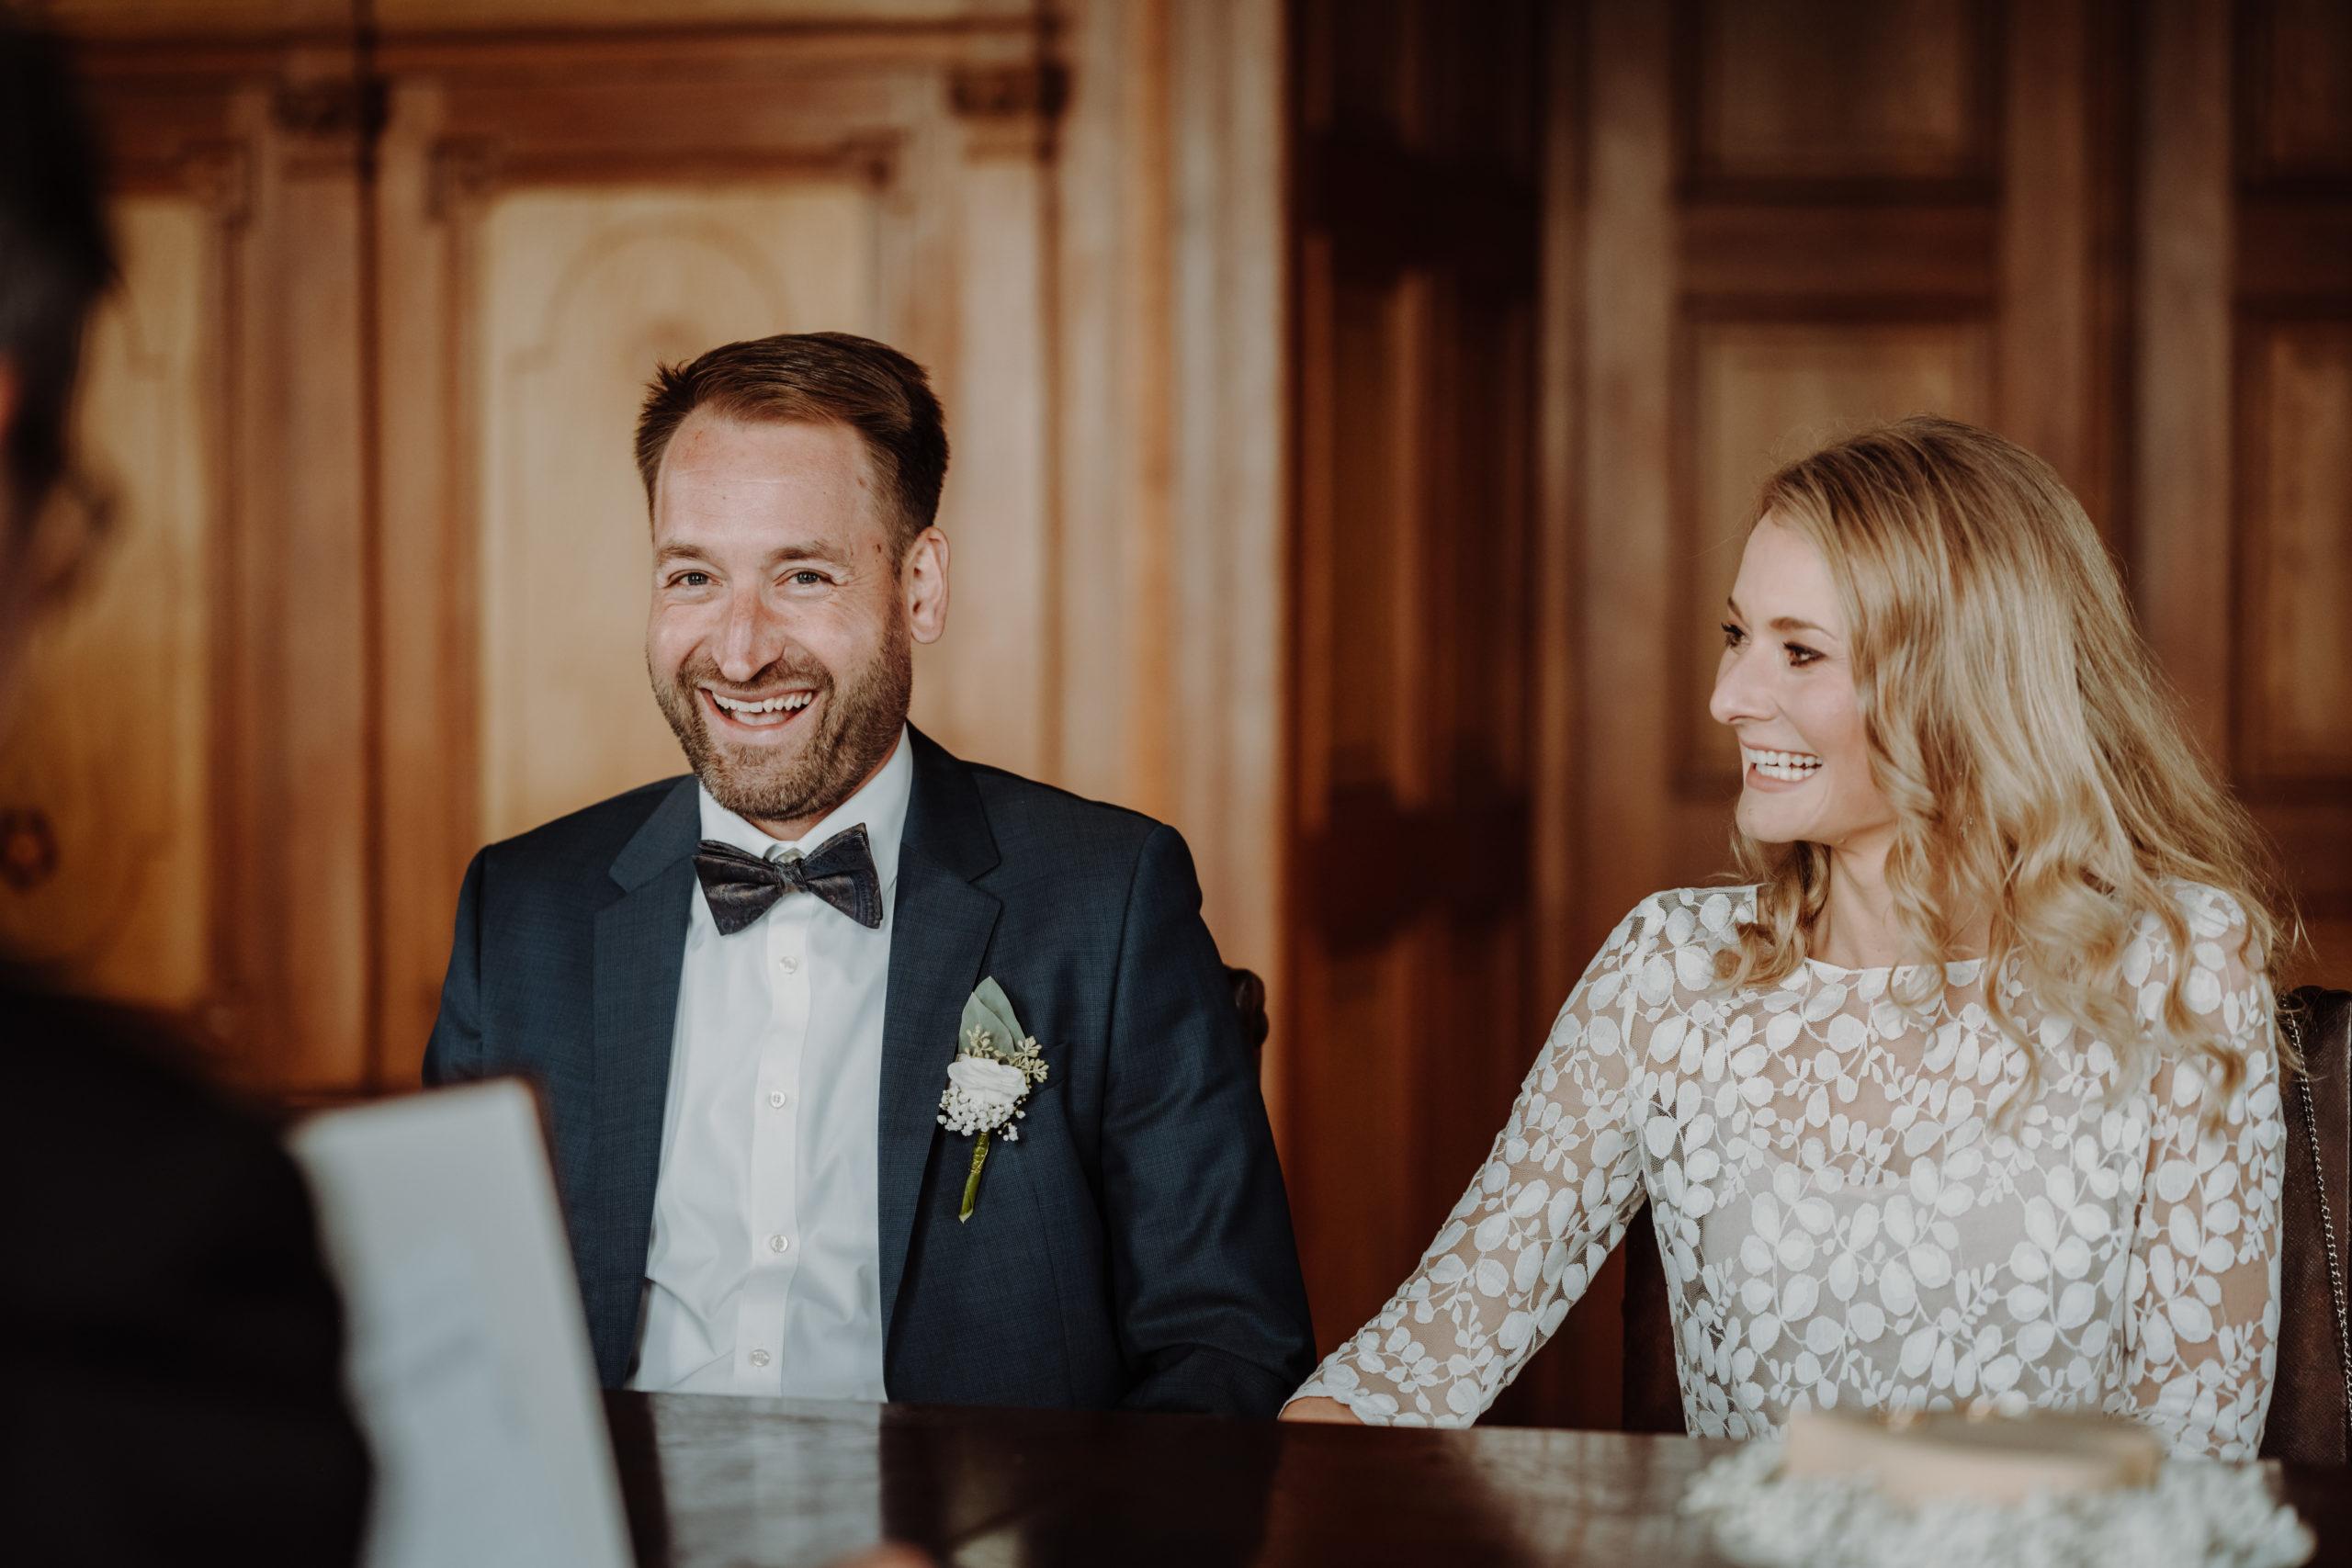 Brautpaar im Standesamt. Sie trägt ein Brauttop mit Blätterspitze und eh ein dunkles Sakko, weißes Hemd und eine Fliege.